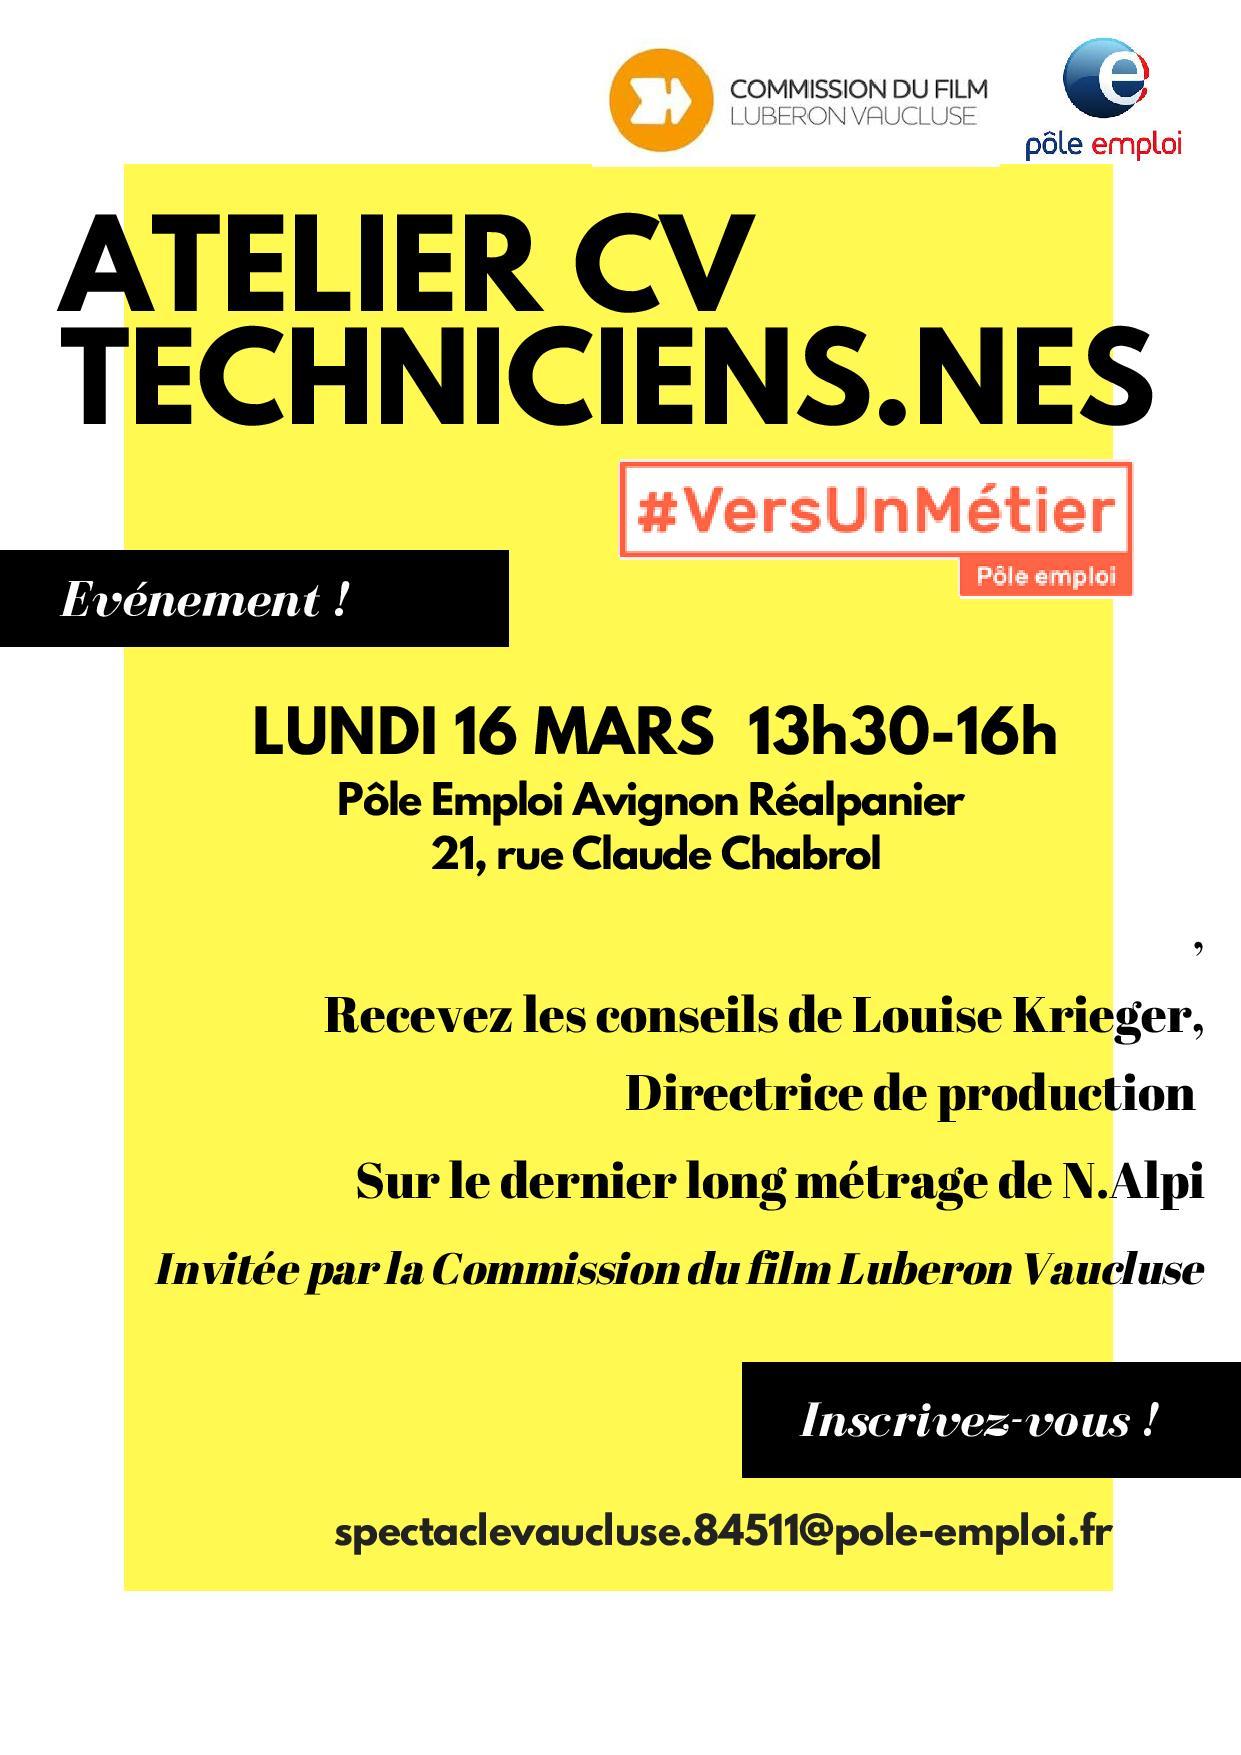 Atelier CV des Techniciens.nes